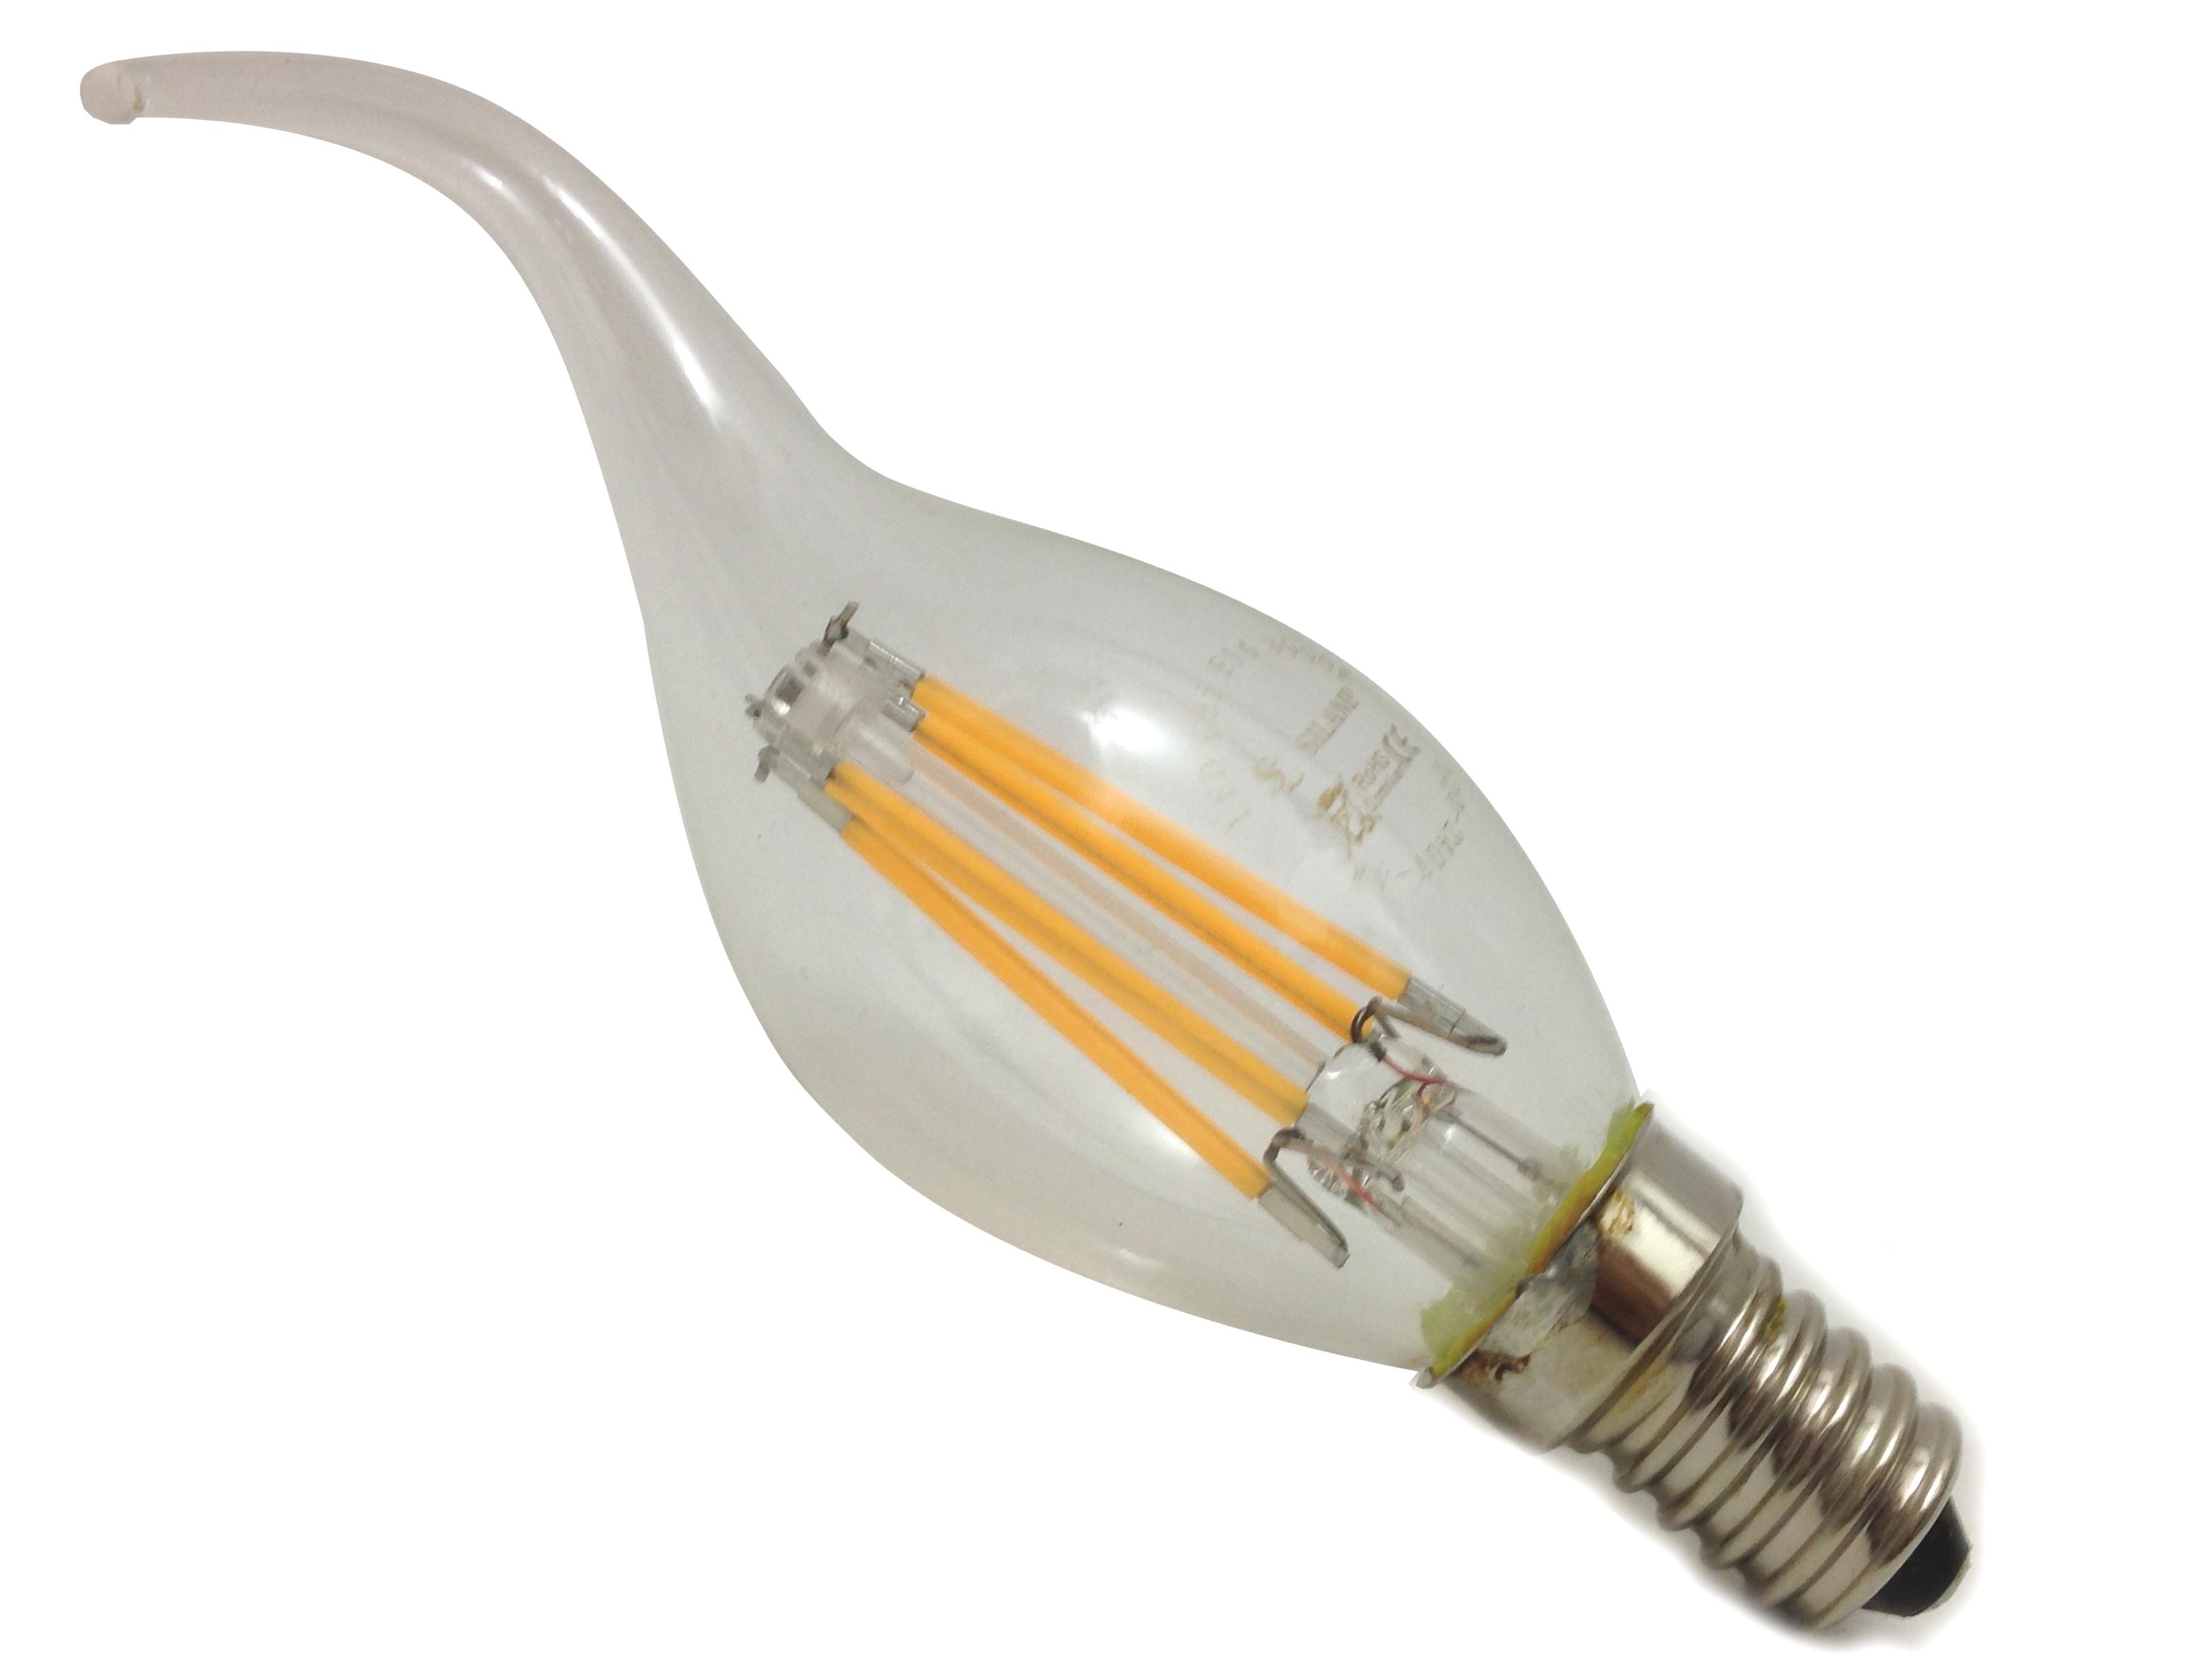 Lampadina led luce calda e14 6w colpo di vento attacco for Lampadine al led luce calda